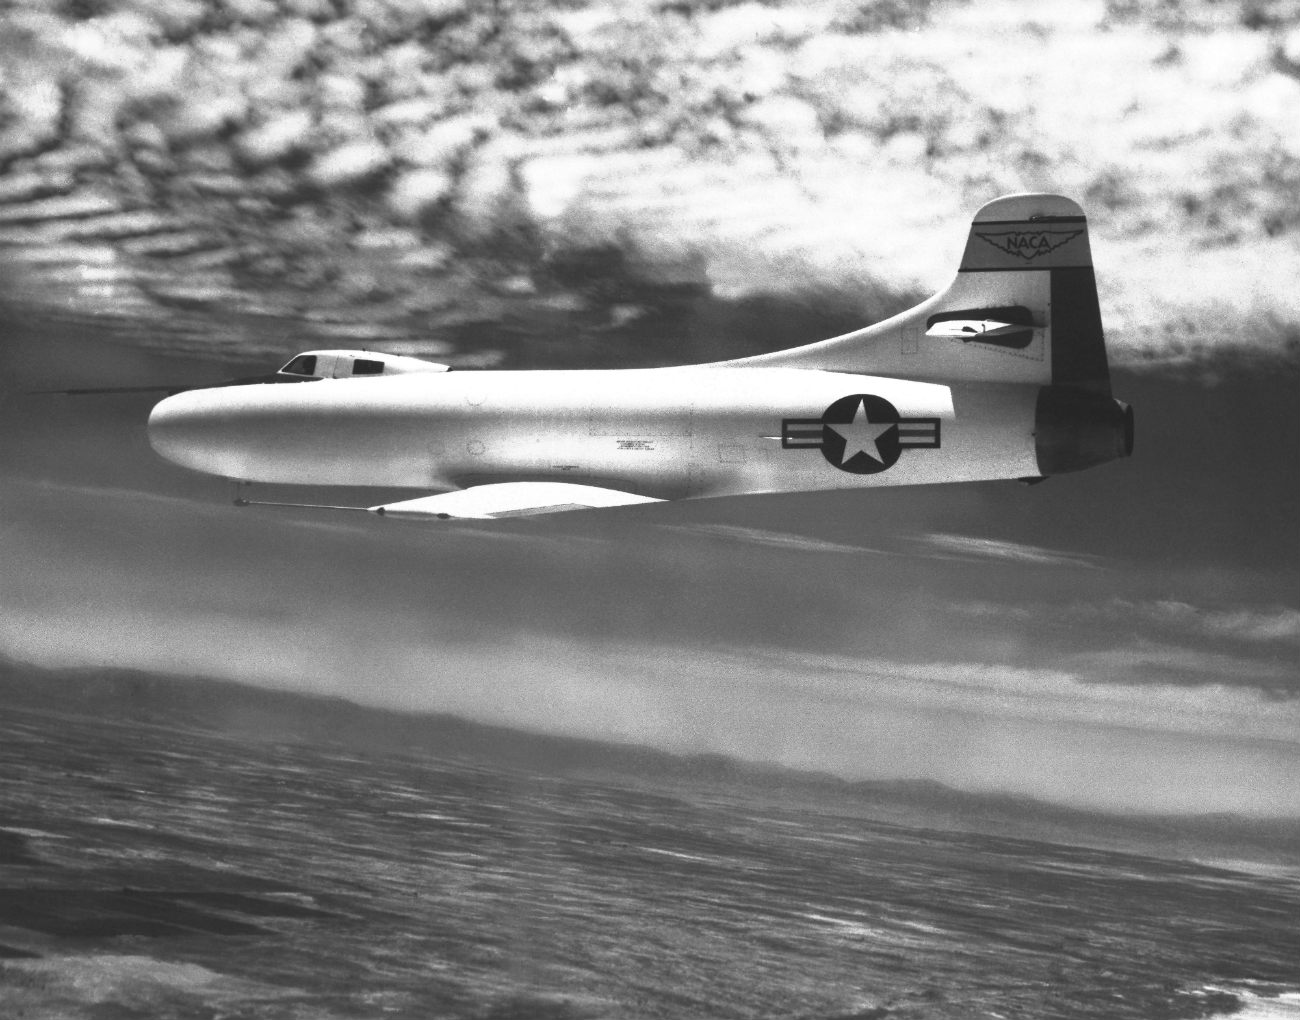 Douglas D-558-I Skystreak cruising altitude